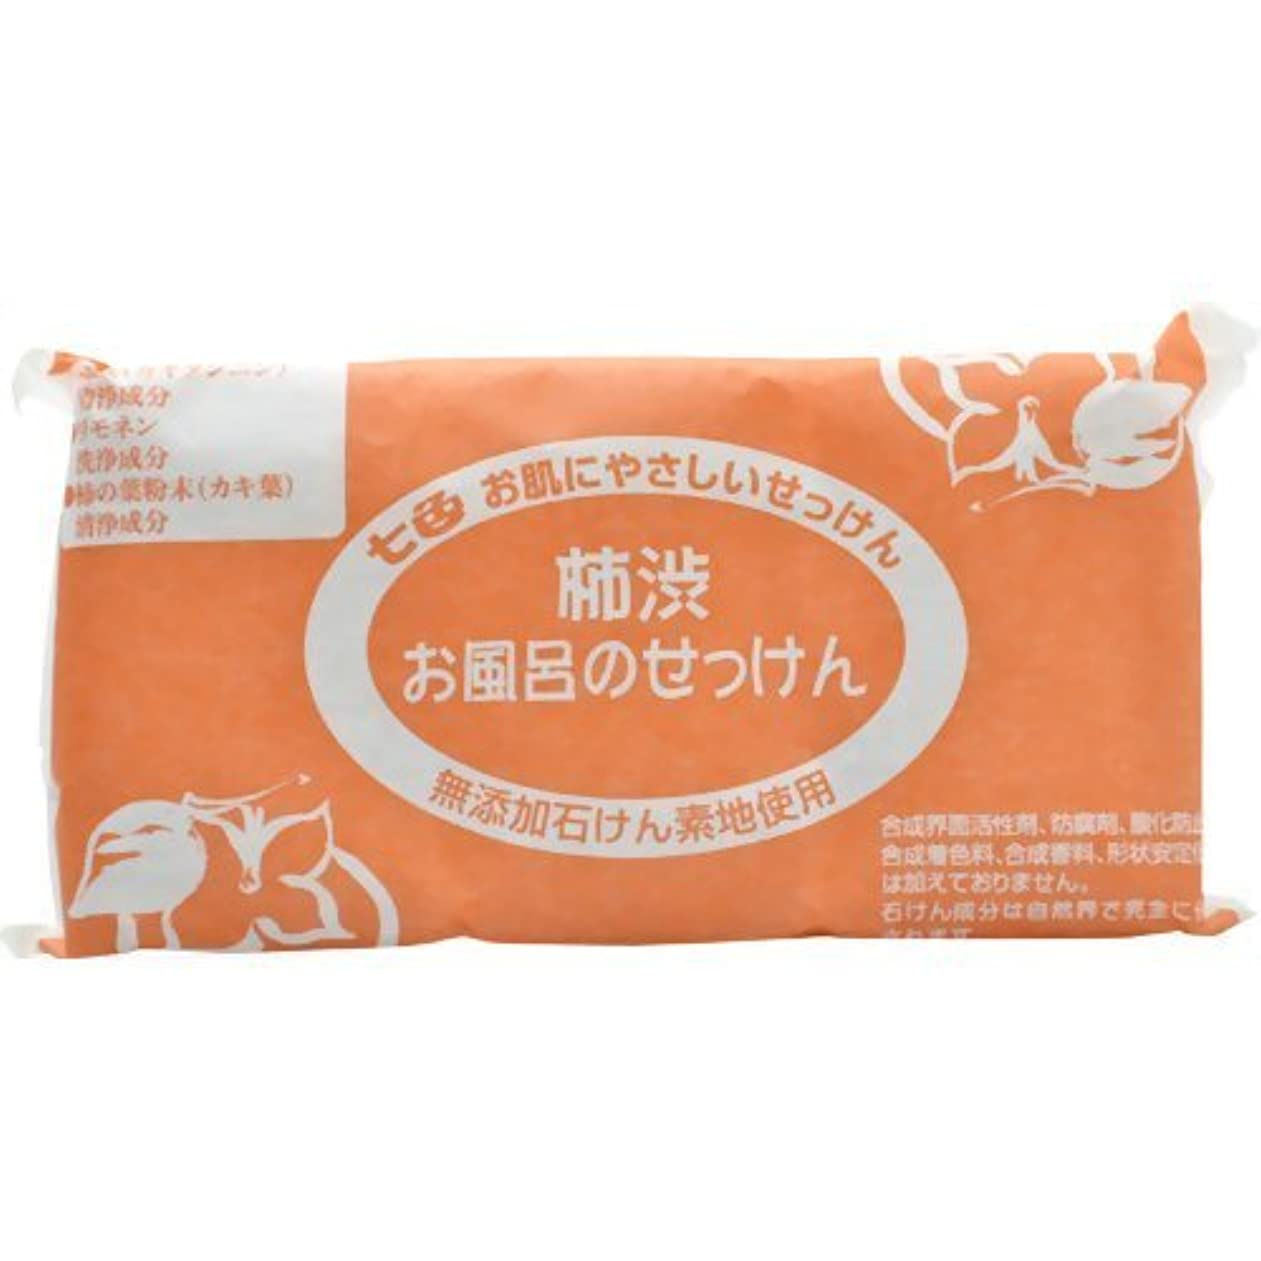 ハンディキャップローン群れ七色 お風呂のせっけん 柿渋(無添加石鹸) 100g×3個入